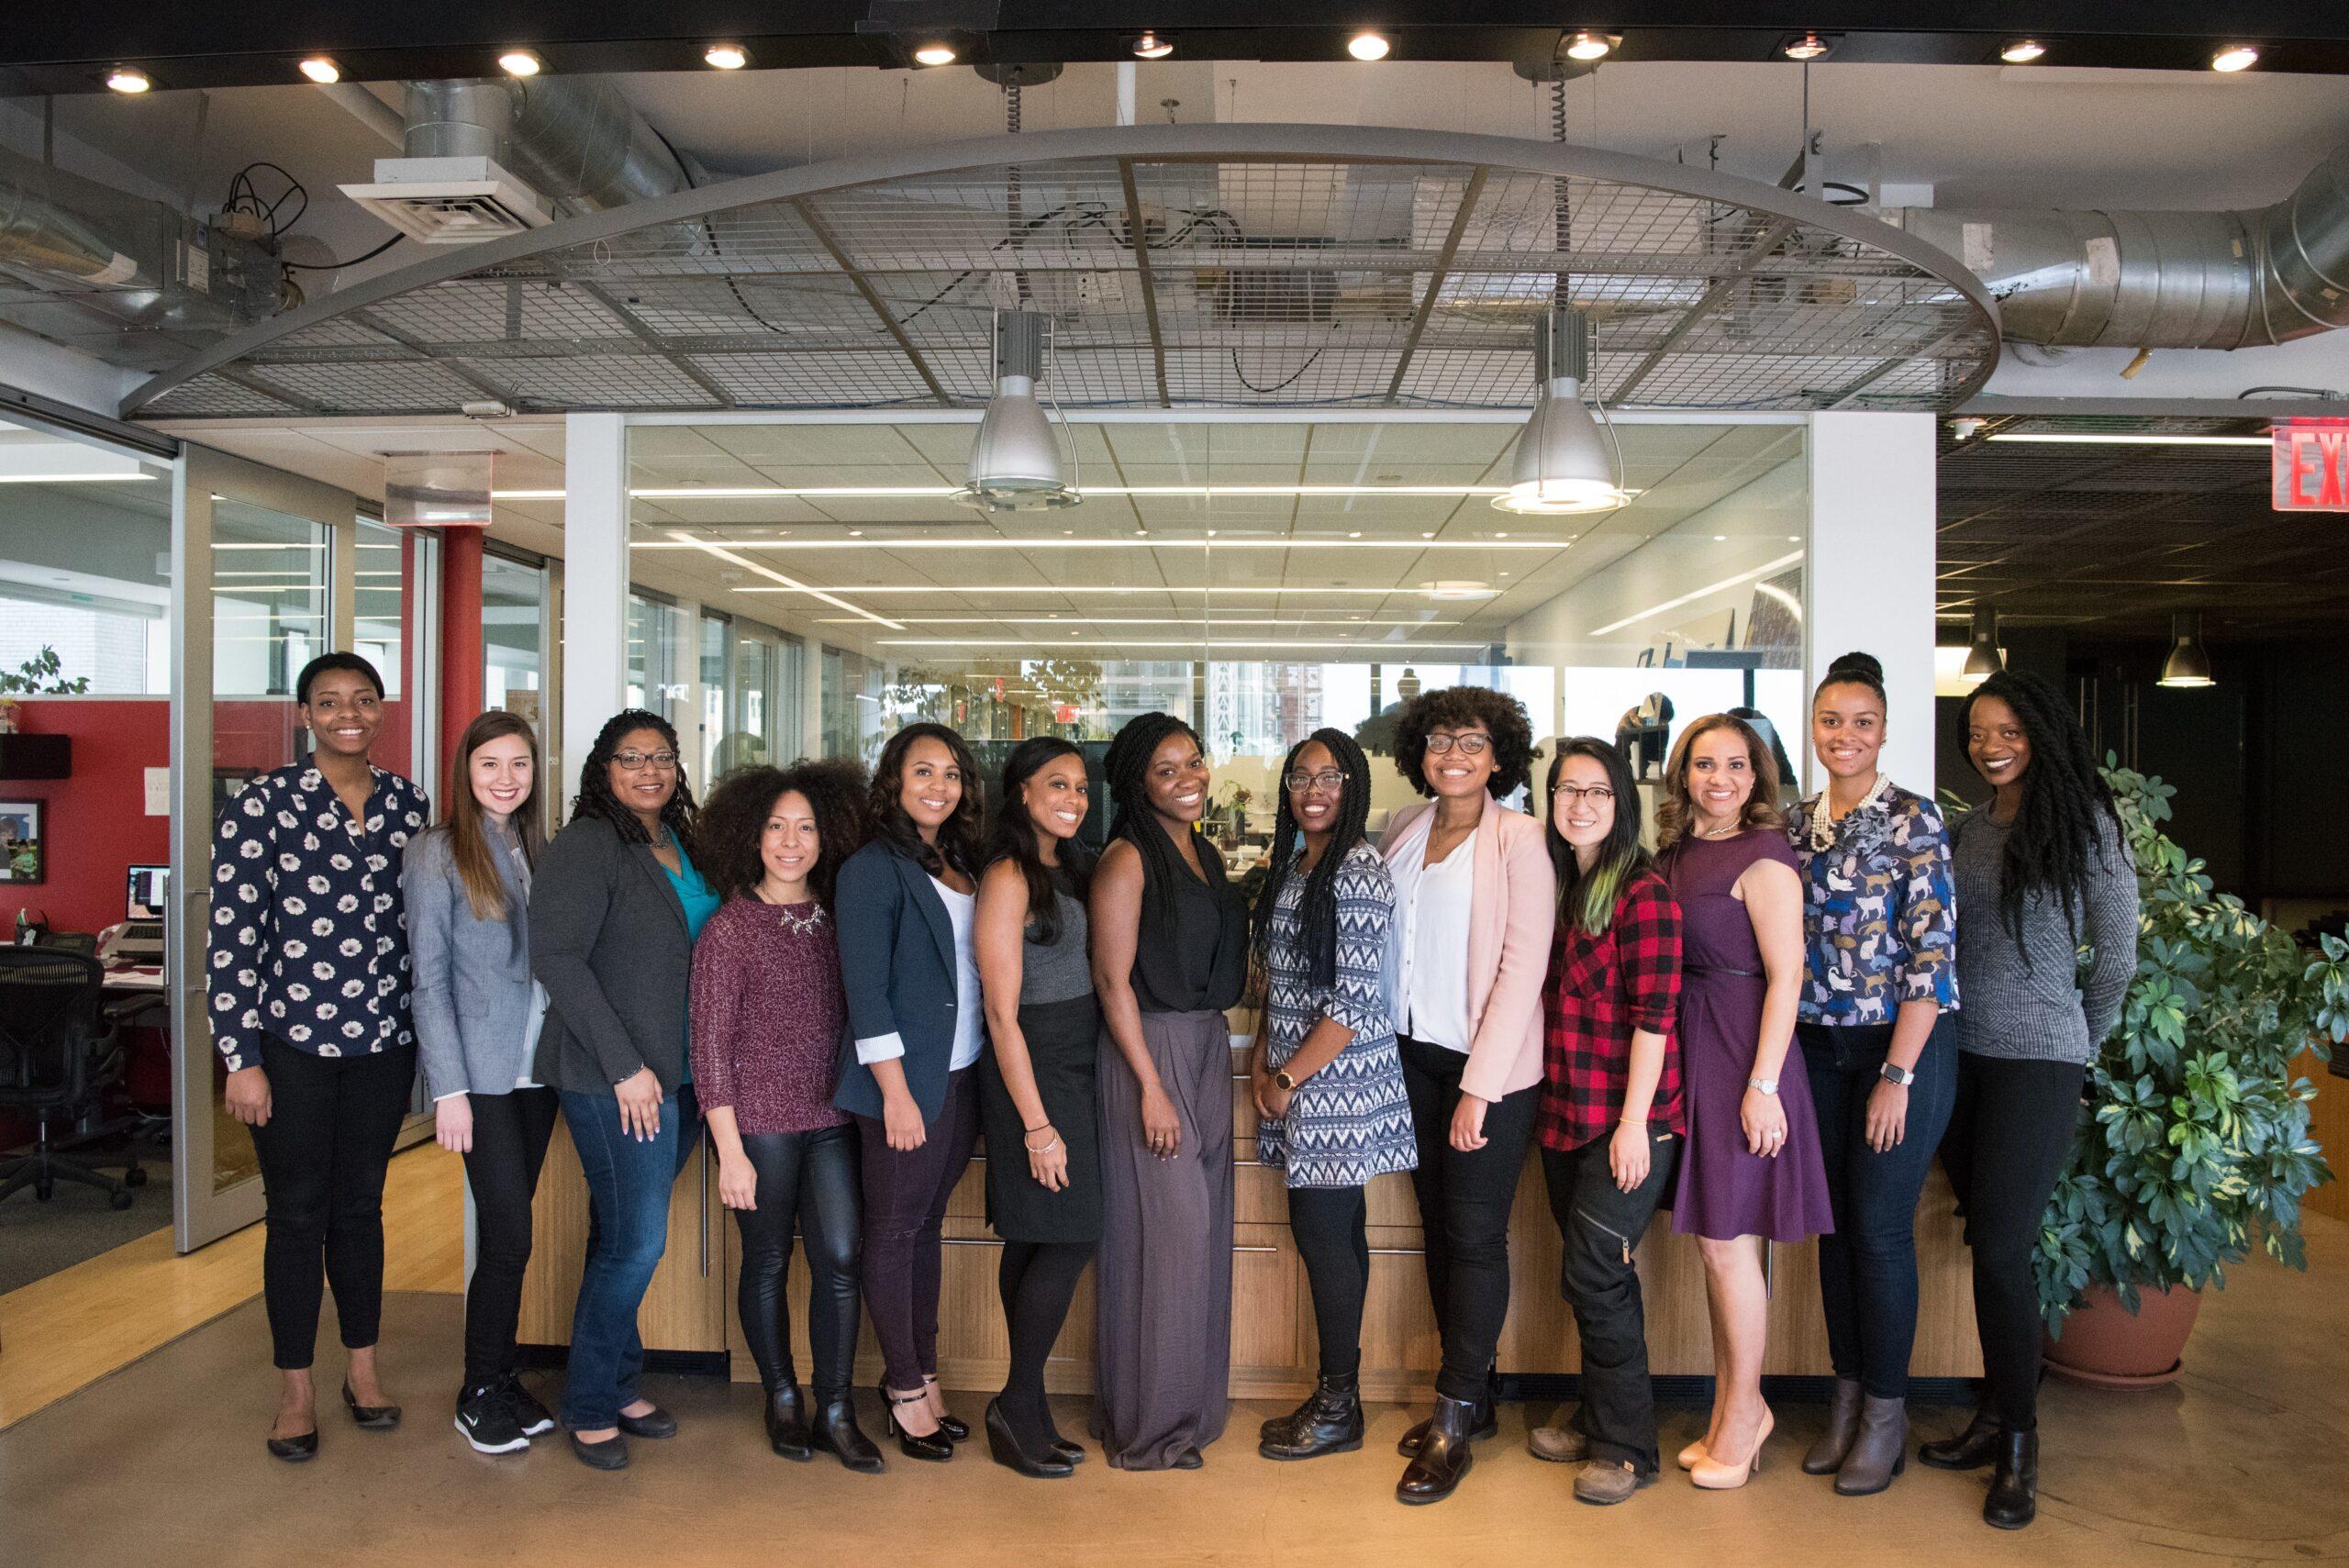 フリーターの就職面接の対策を実施した就職エージェントの女性たち